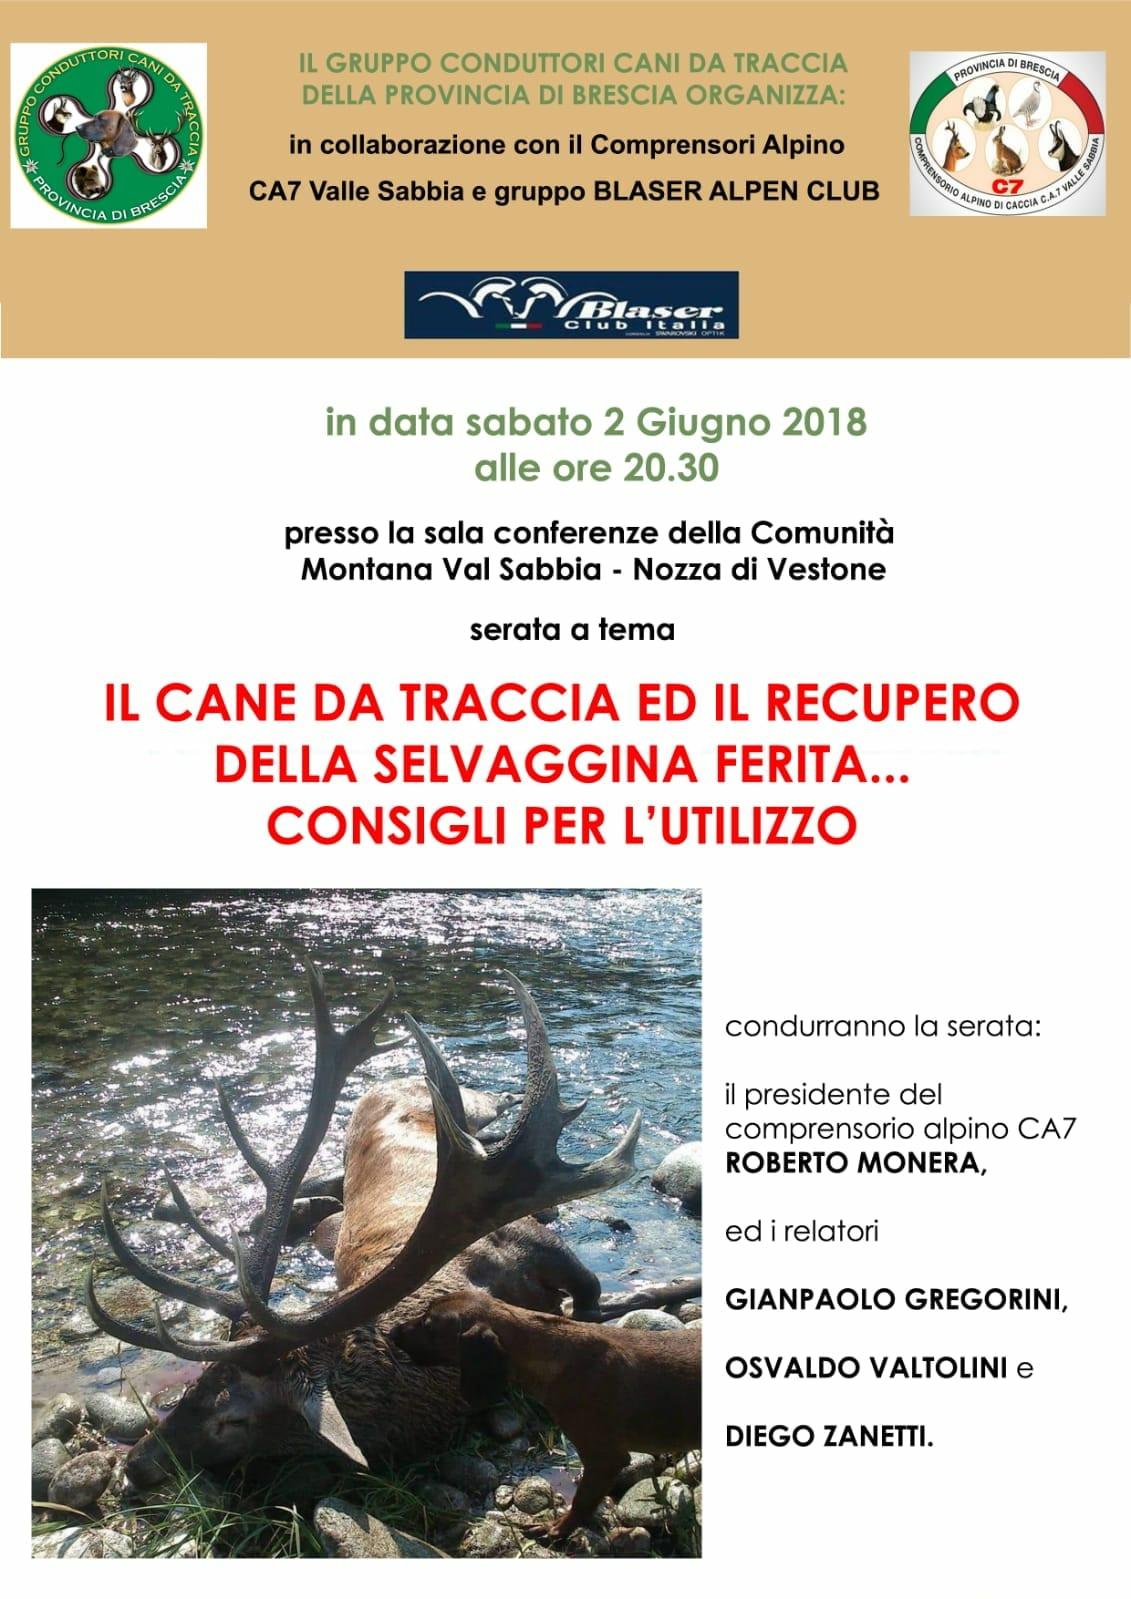 IL CANE DA TRACCIA SABATO 02 GIUGNO 2018